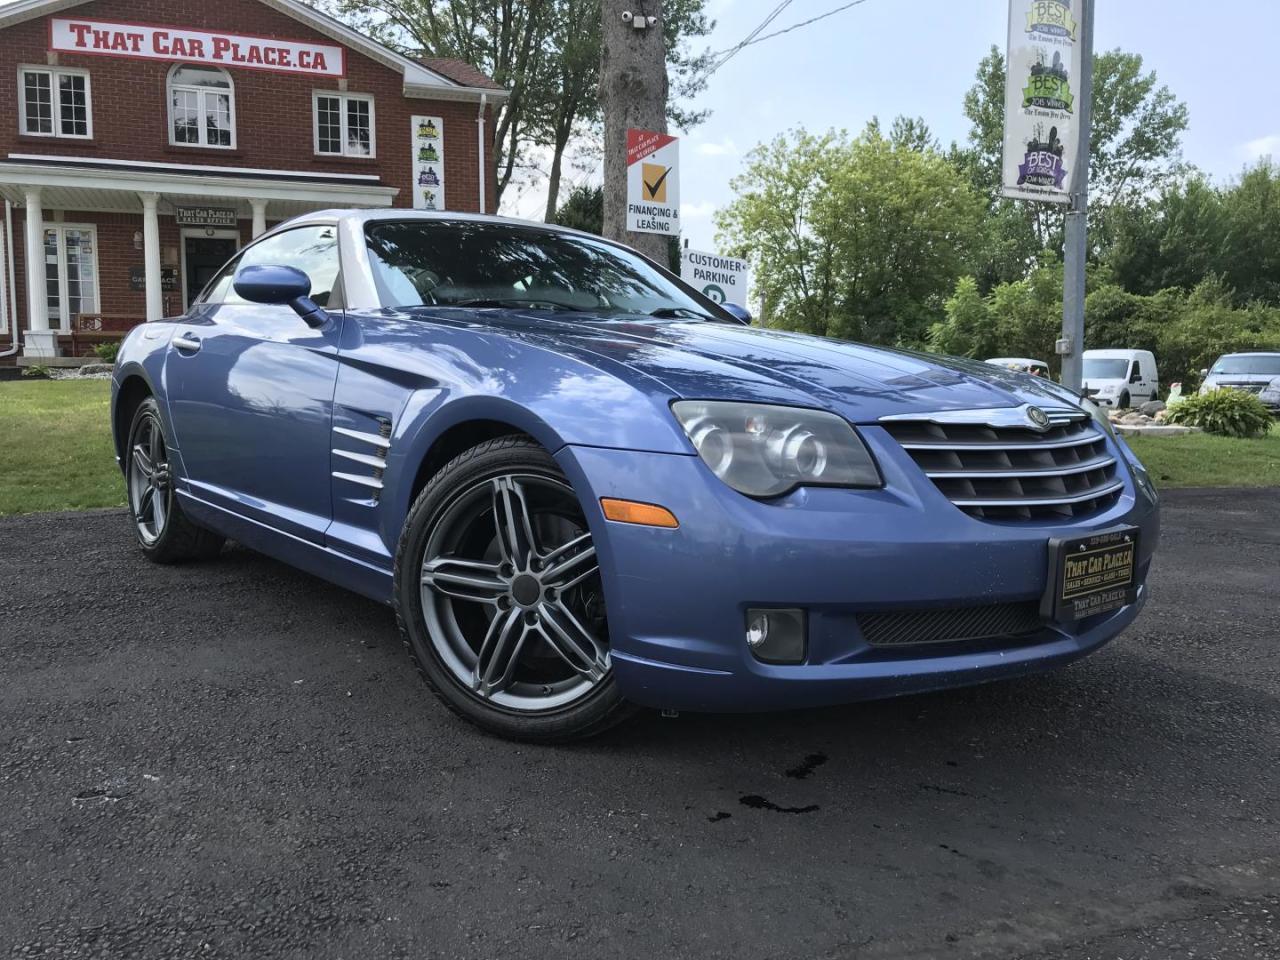 2007 Chrysler Crossfire